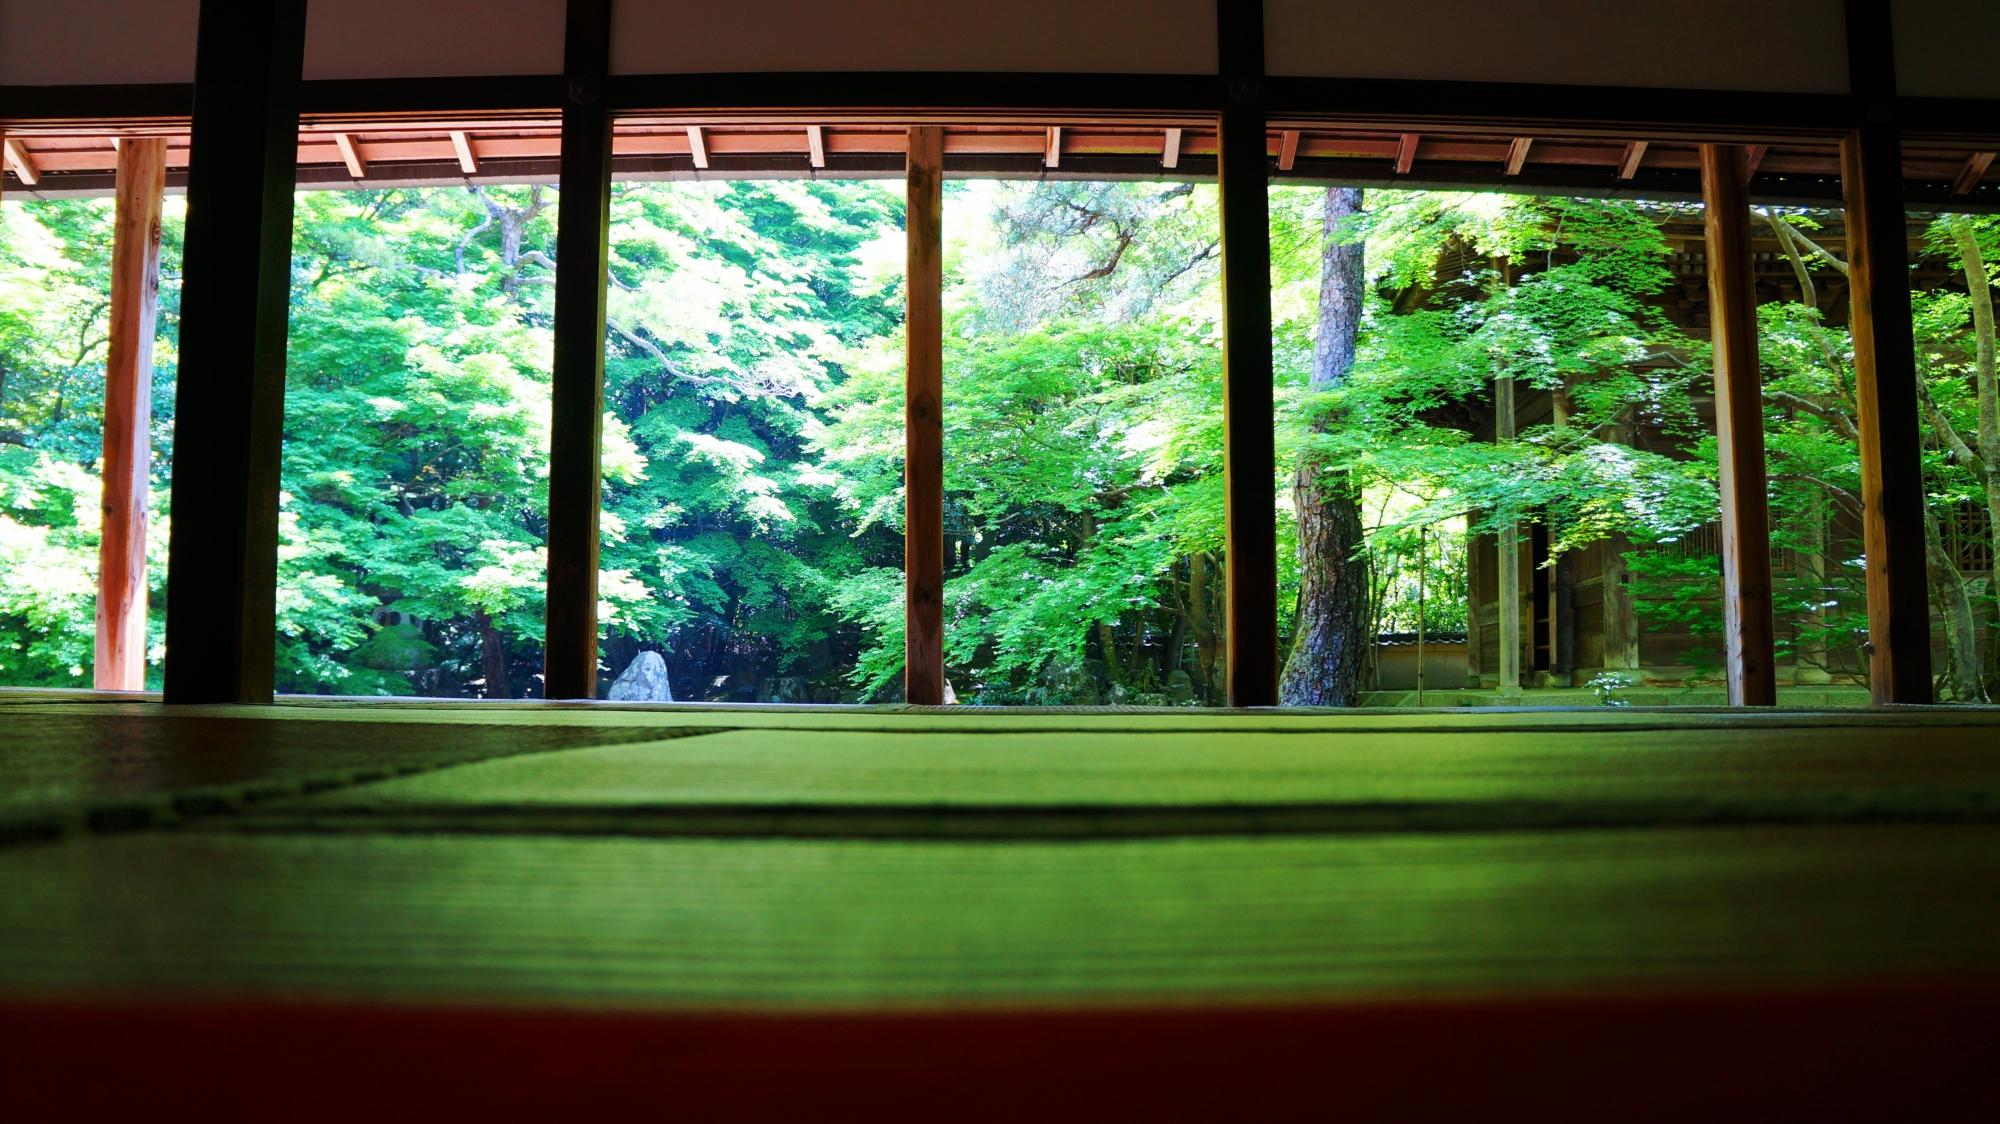 京都の静寂の緑の空間